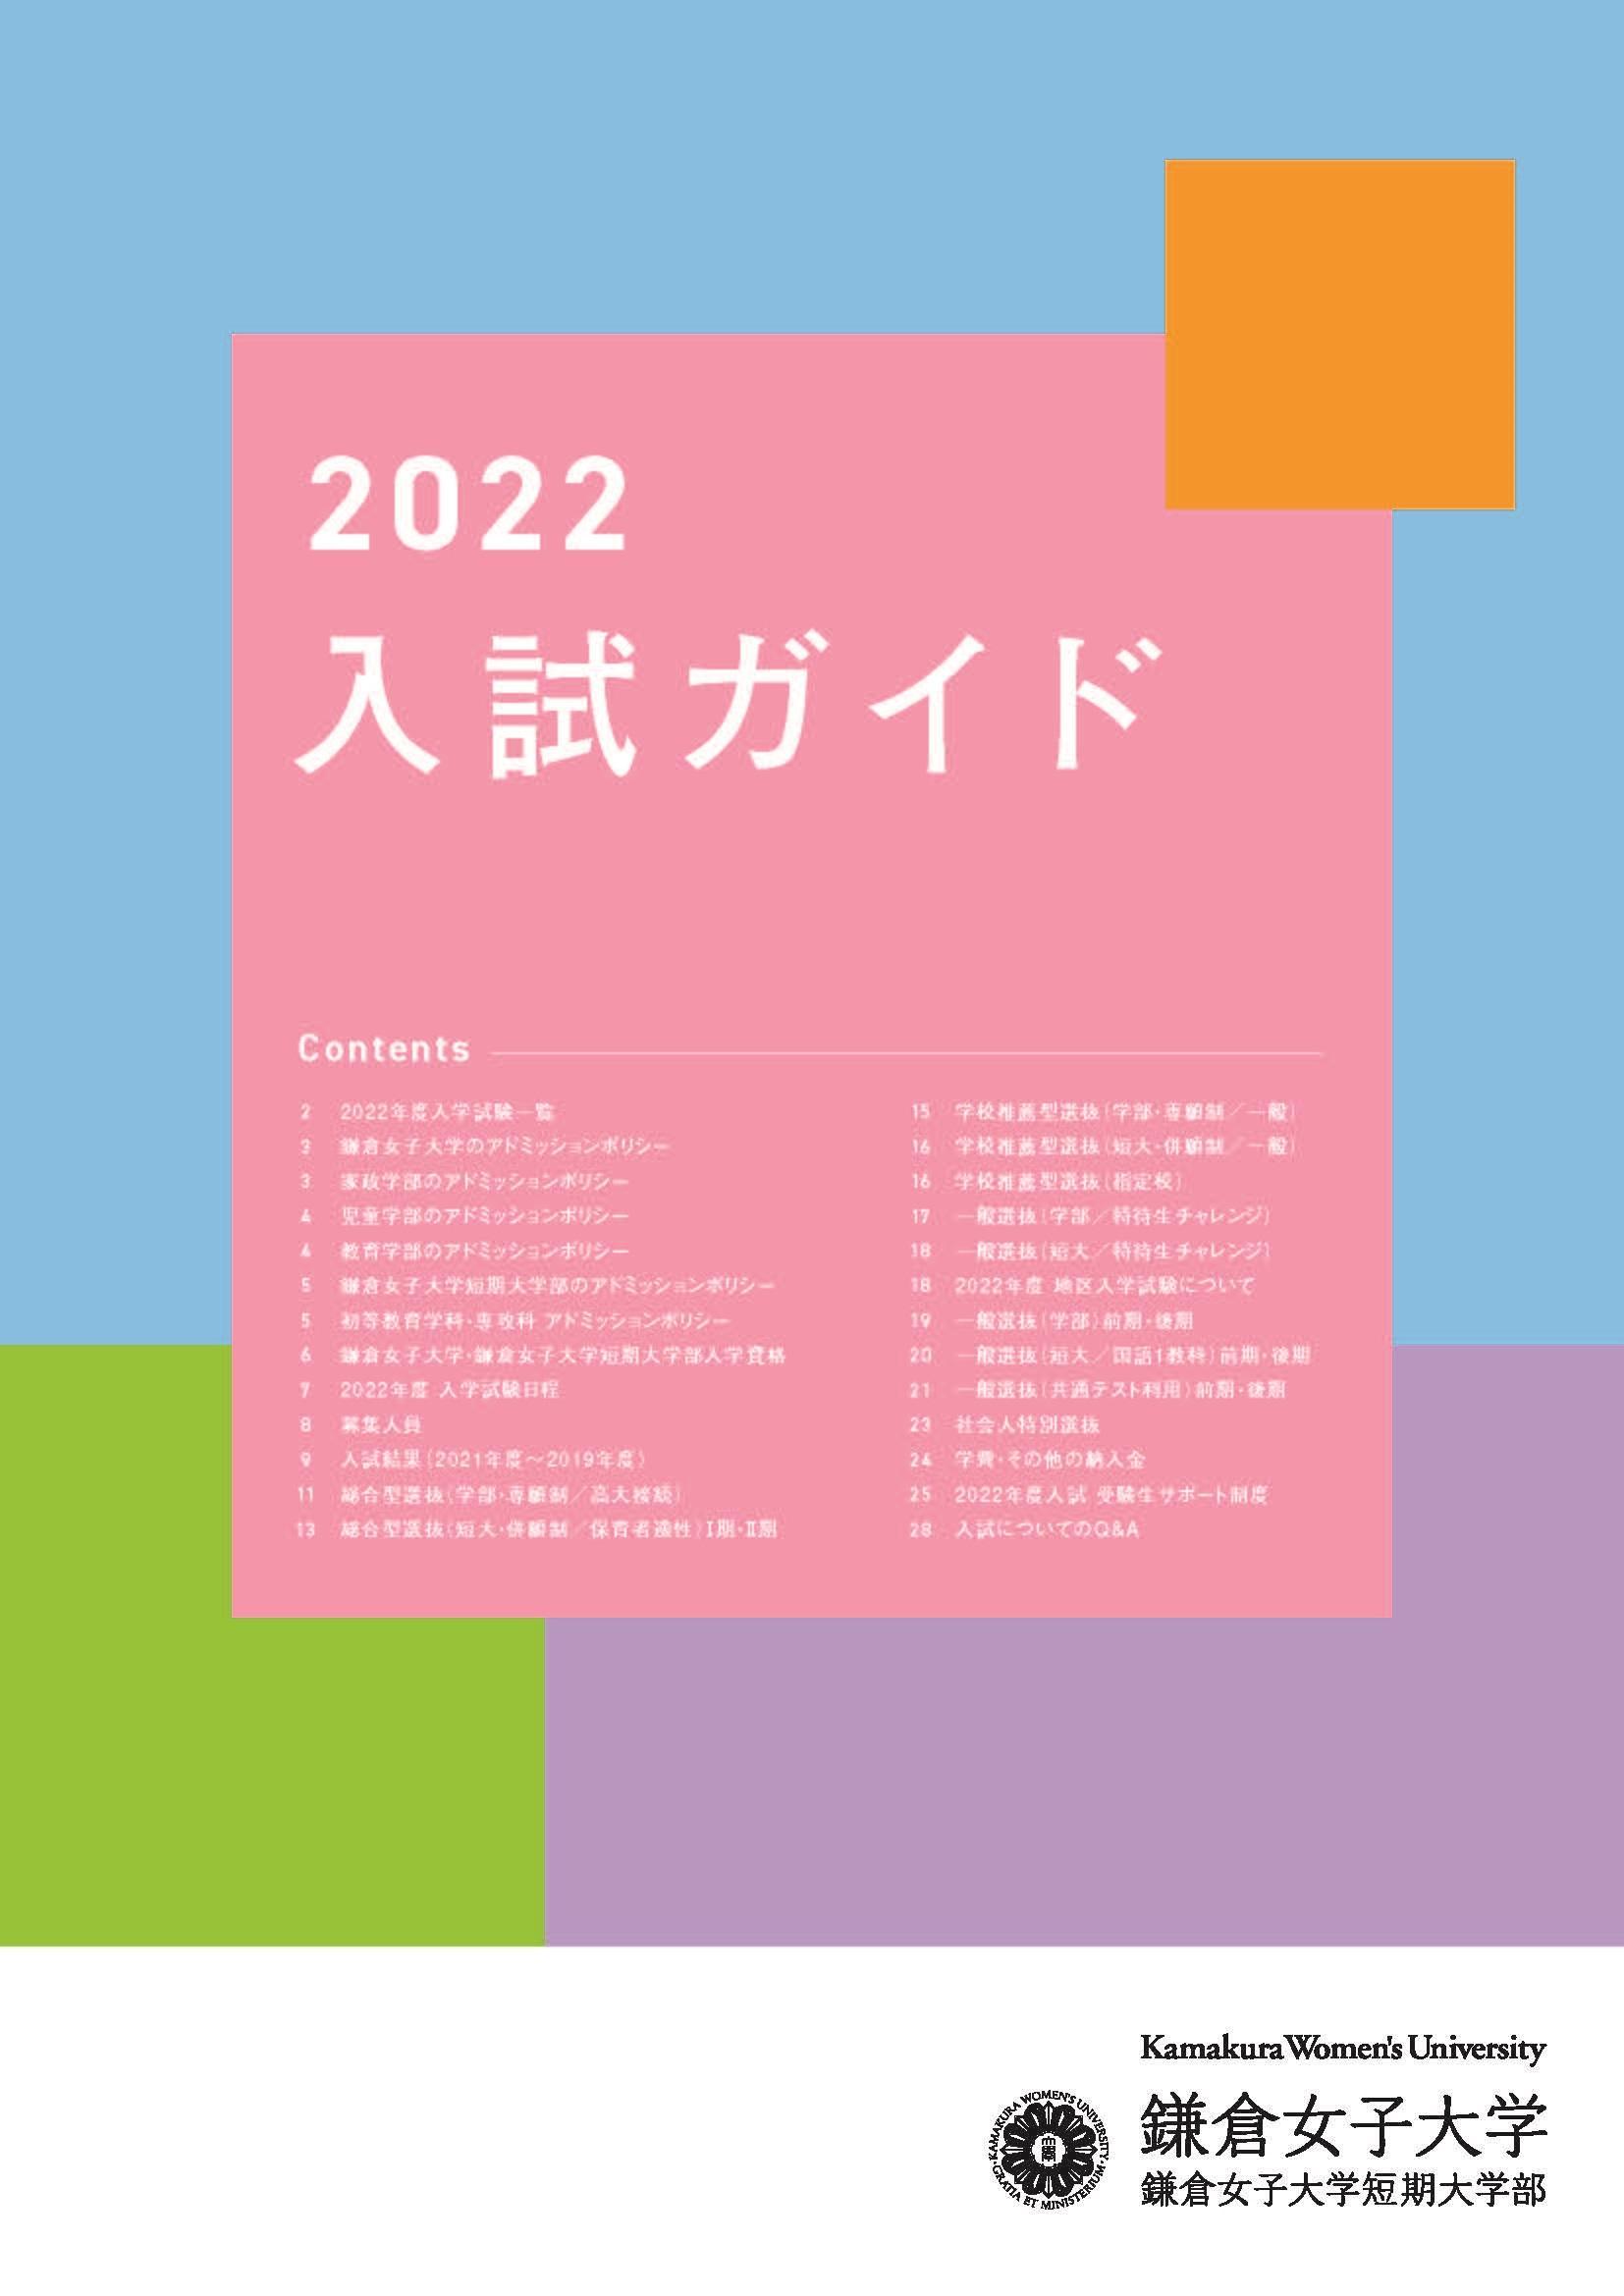 入試ガイド表紙jpeg-1.jpg